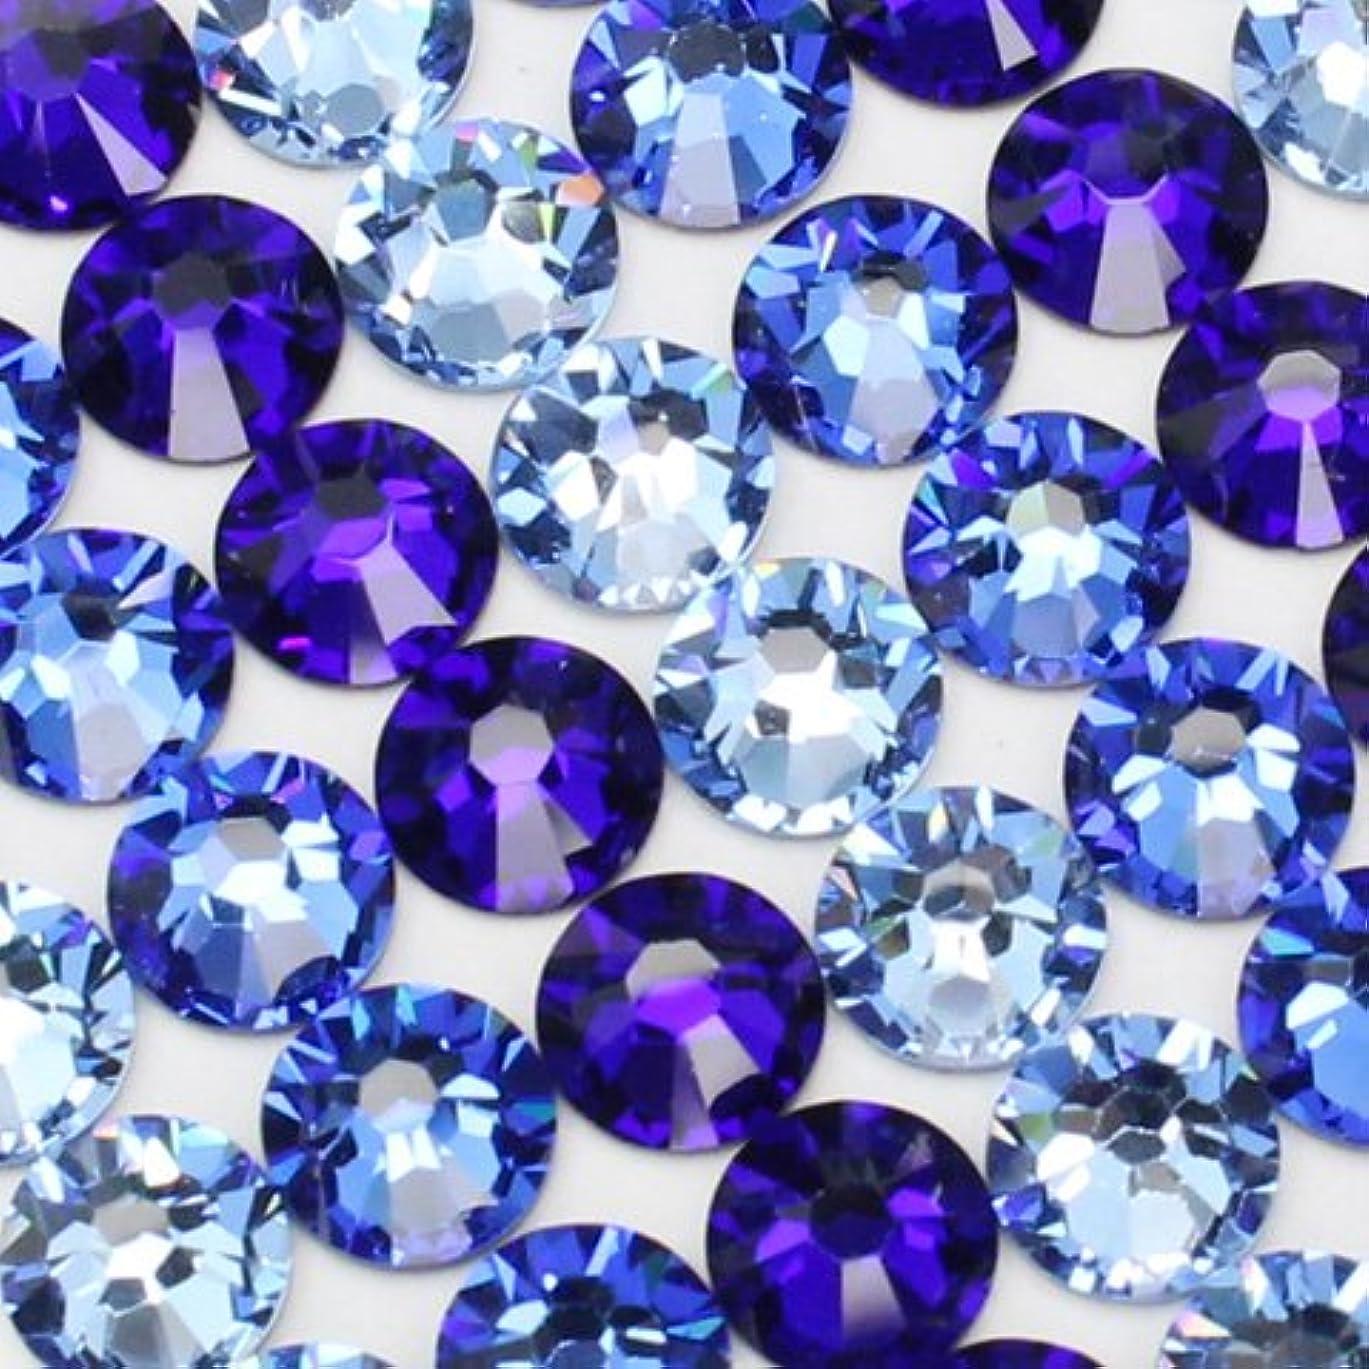 とげ現実的十二お試しアートMIX[ブルー1]コバルト、サファイア、ライトサファイア/スワロフスキー(Swarovski)/ラインストーン ss16(各20粒)